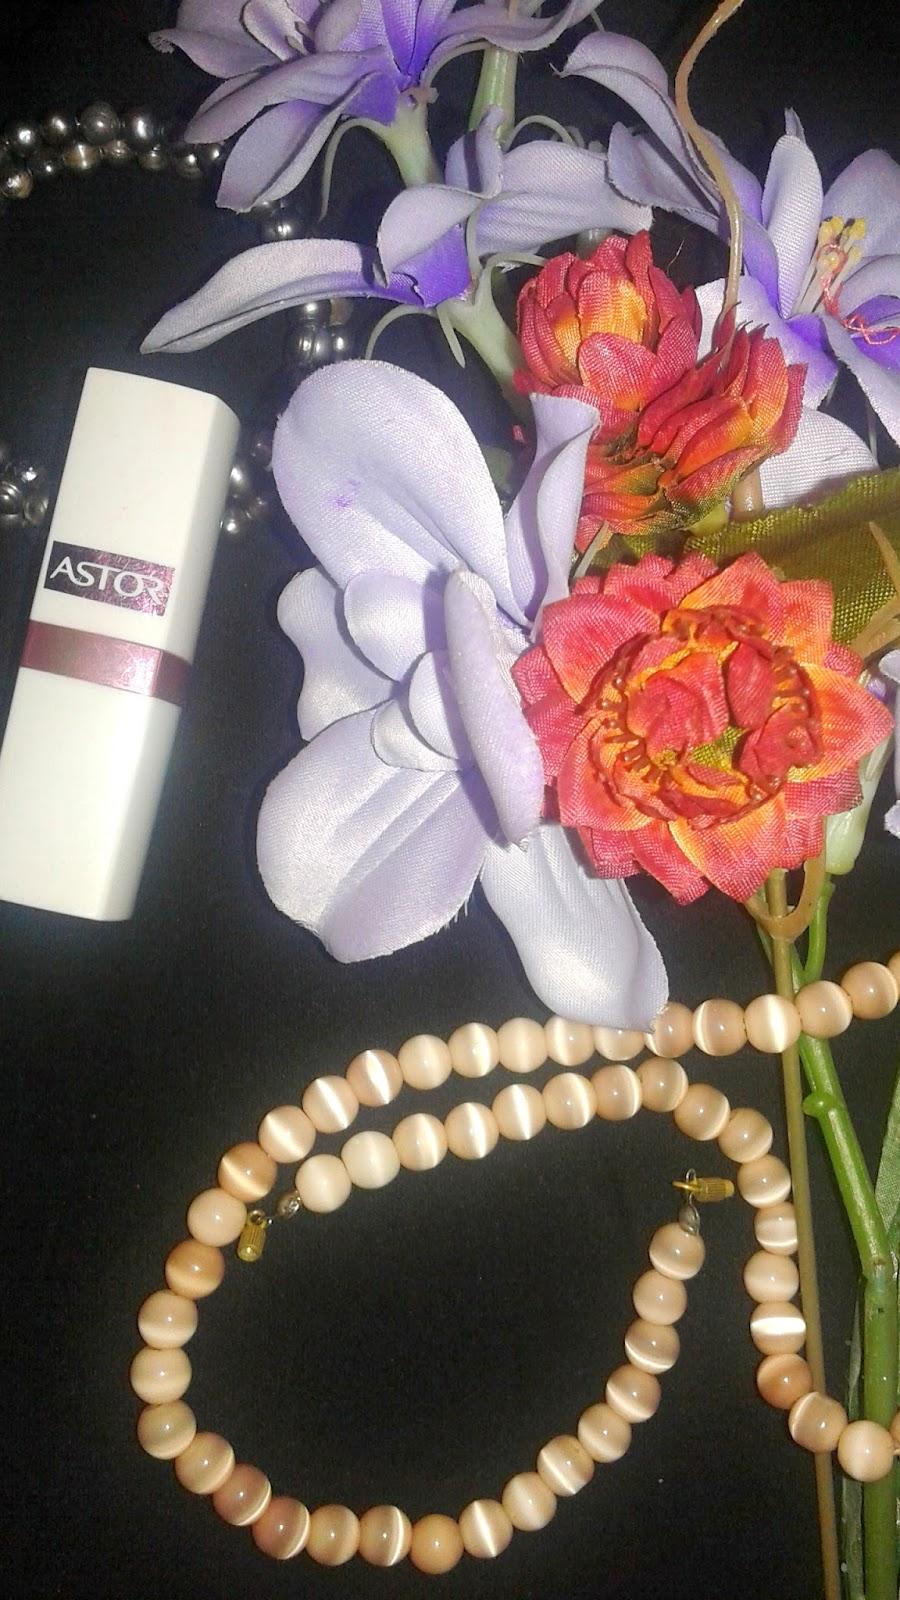 Top 10 kosmetyków... - #3 pomadka Astor 330